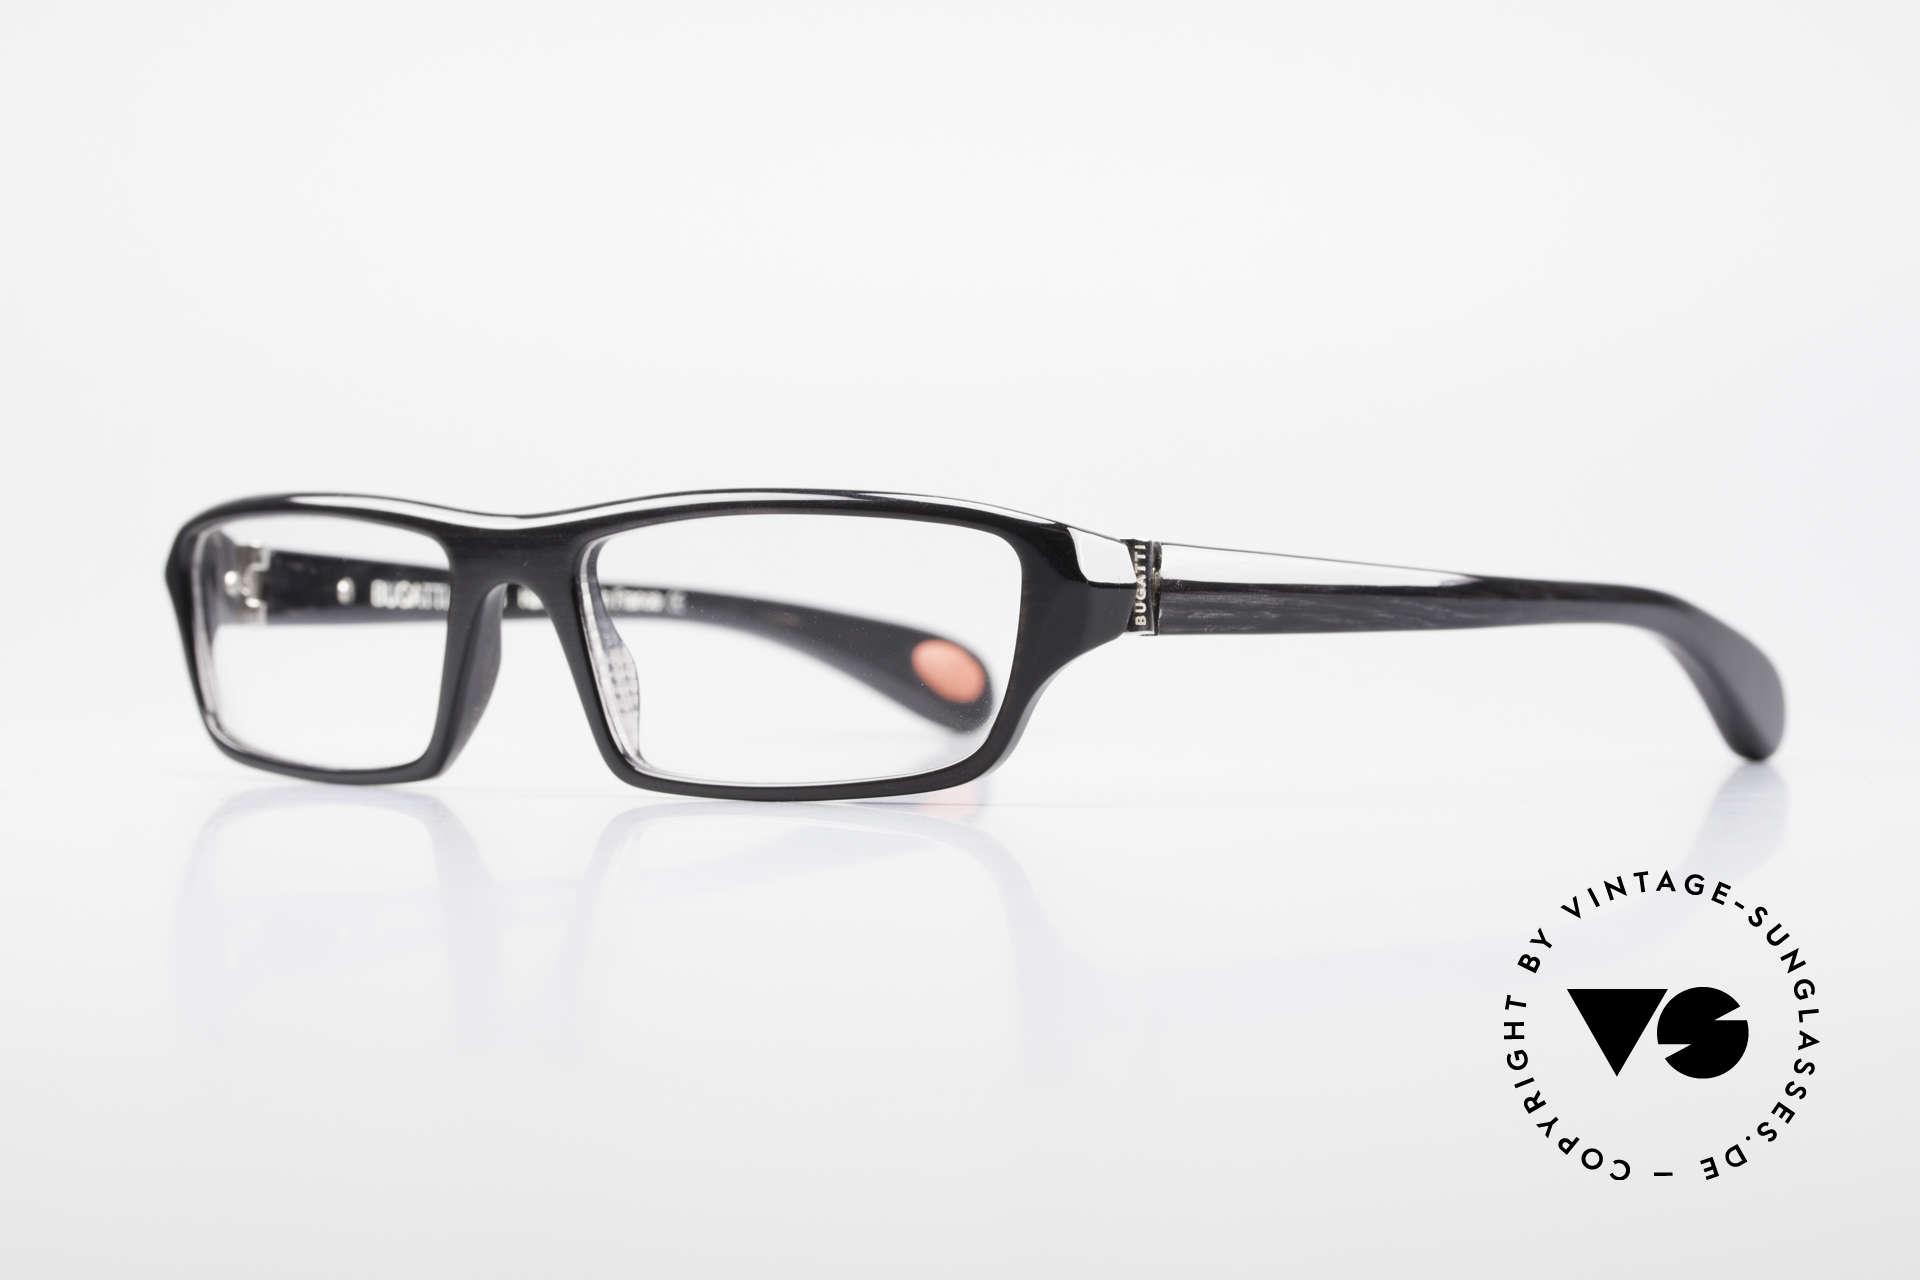 Bugatti 470 Limitierte Luxusbrille Herren, optimaler Tragekomfort dank Feder-Scharnieren, Passend für Herren